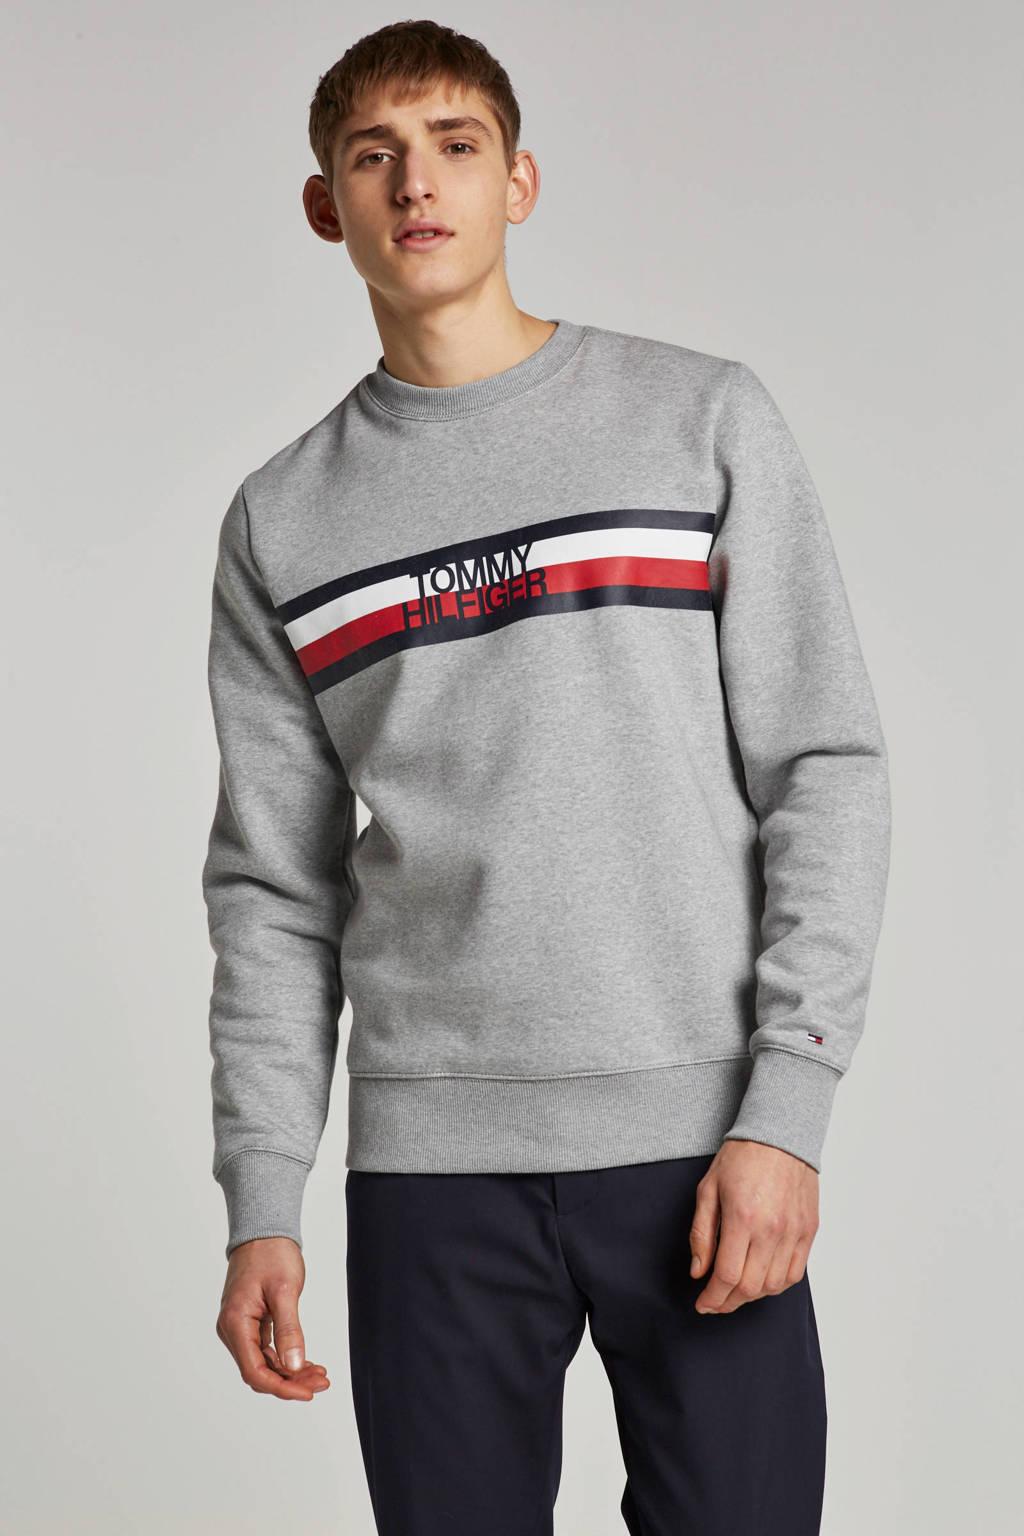 Tommy Hilfiger sweater, Grijs melange